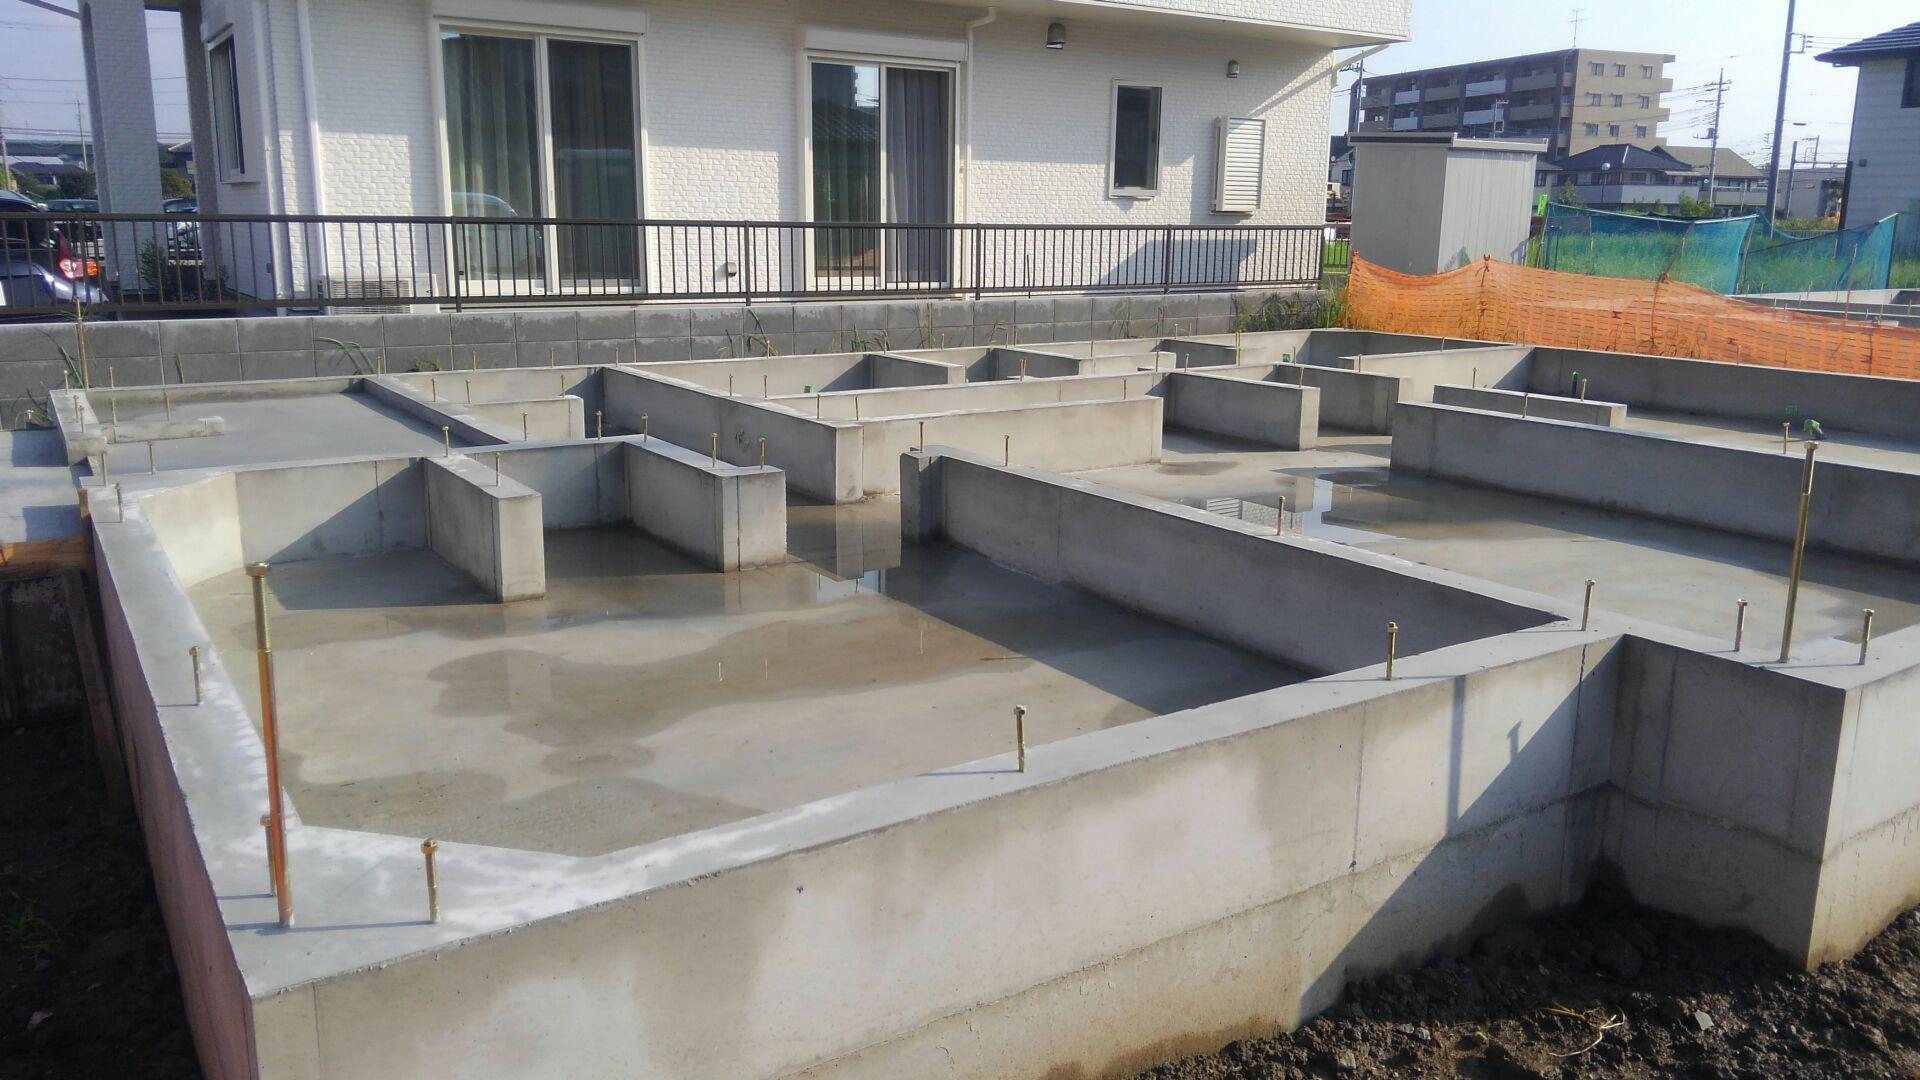 そして基礎工事が終わり、大工さんが土台敷きに来ました。